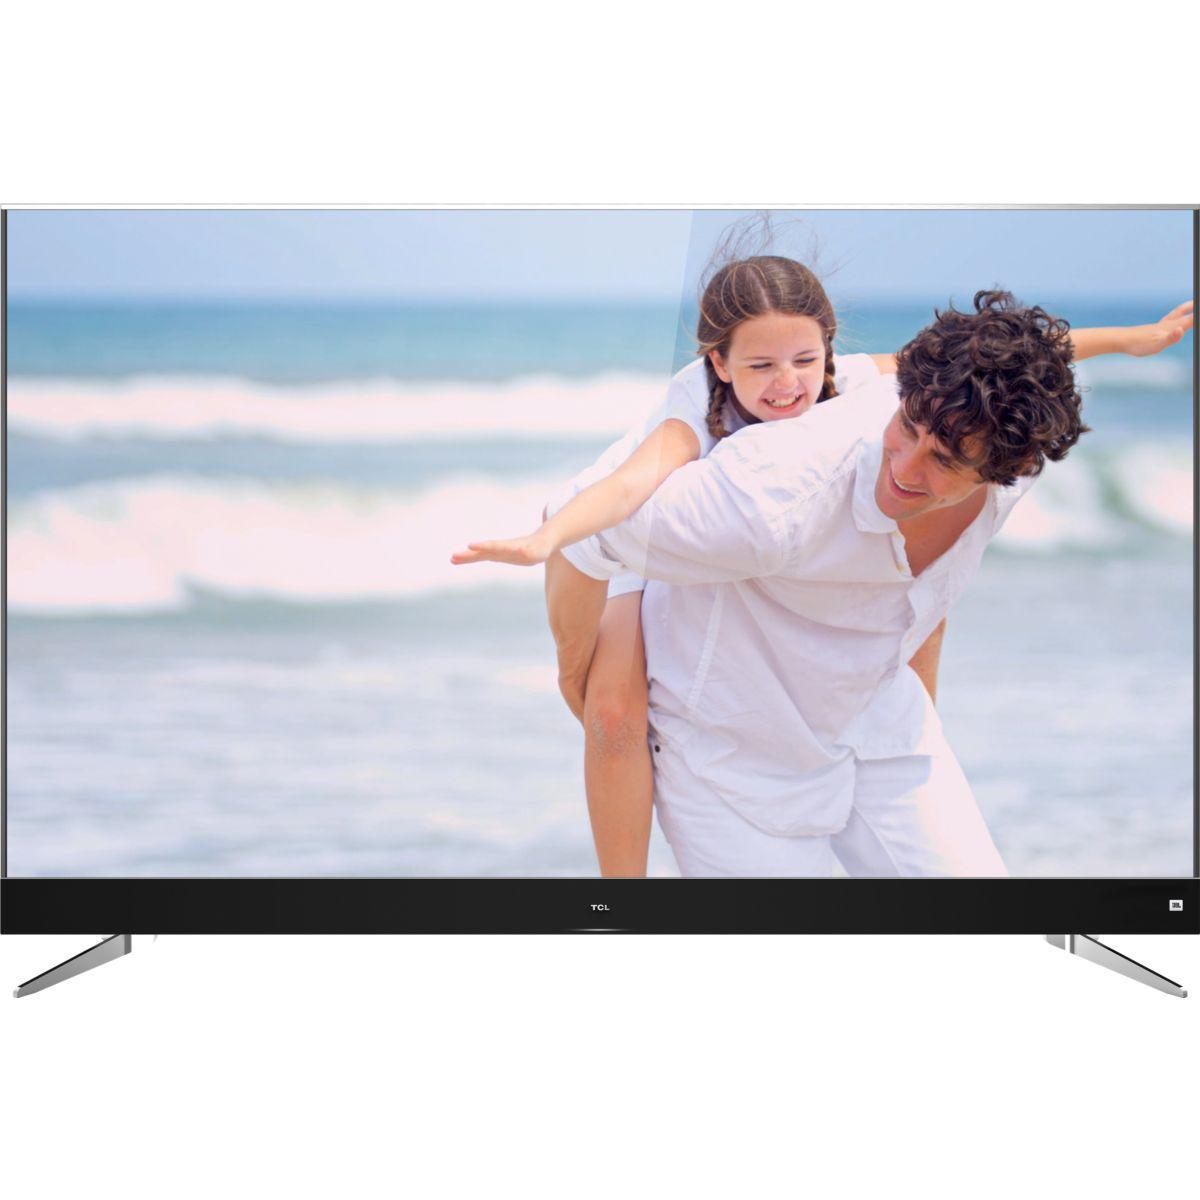 Tv tcl u65c7006 - 10% de remise immédiate avec le code : cool10 (photo)